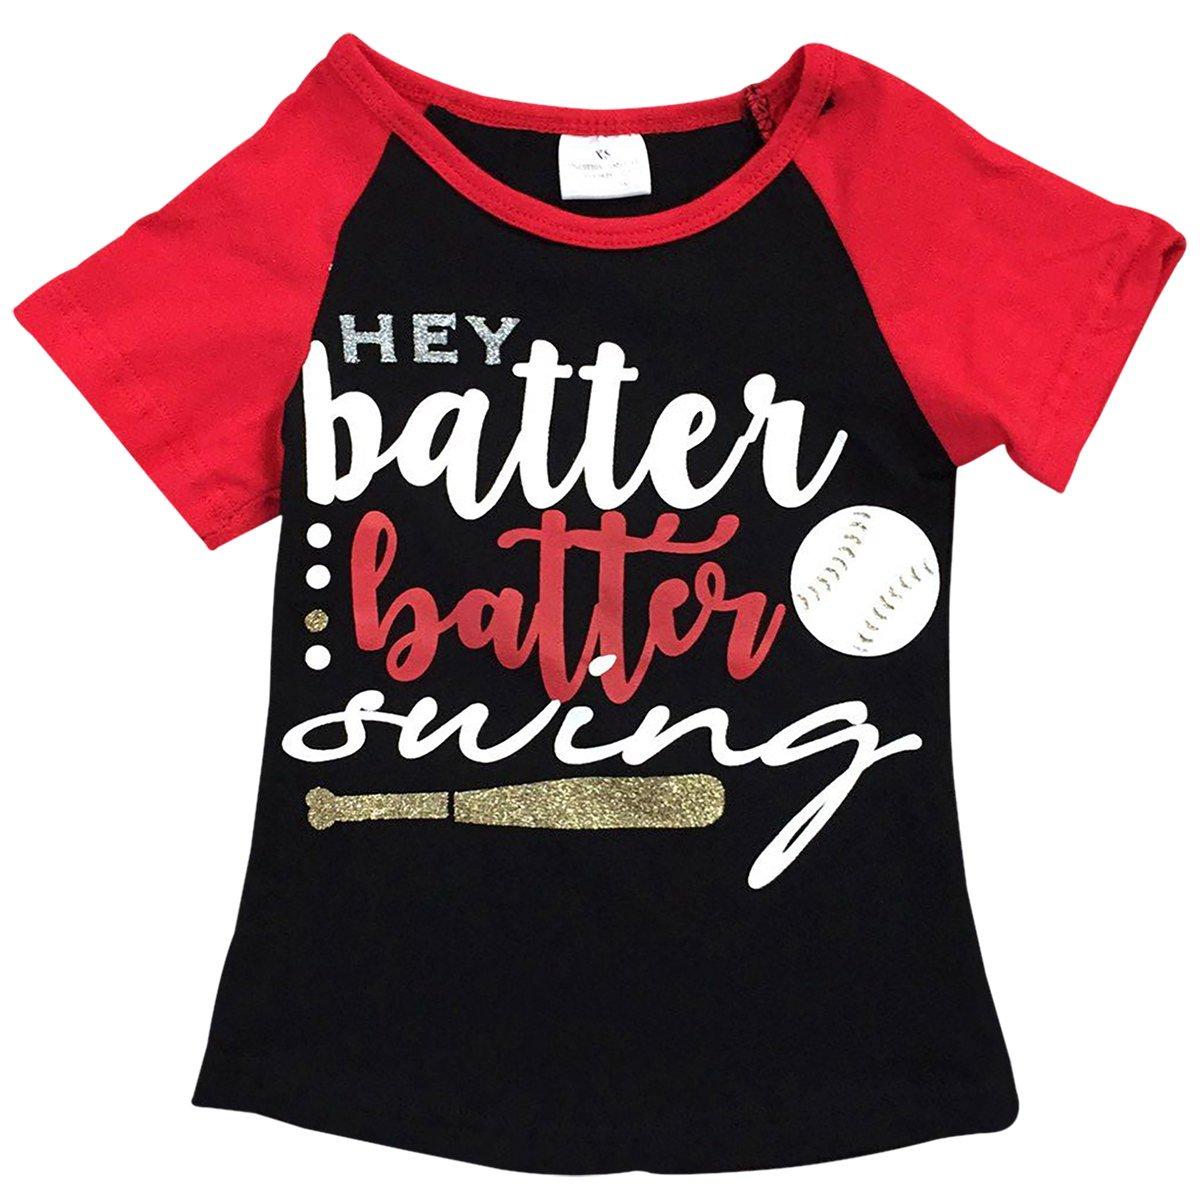 Big Girls' Short Sleeve Batter Swing Baseball Raglan Summer Top T Shirt Tee Black 6 XL (P501385P)